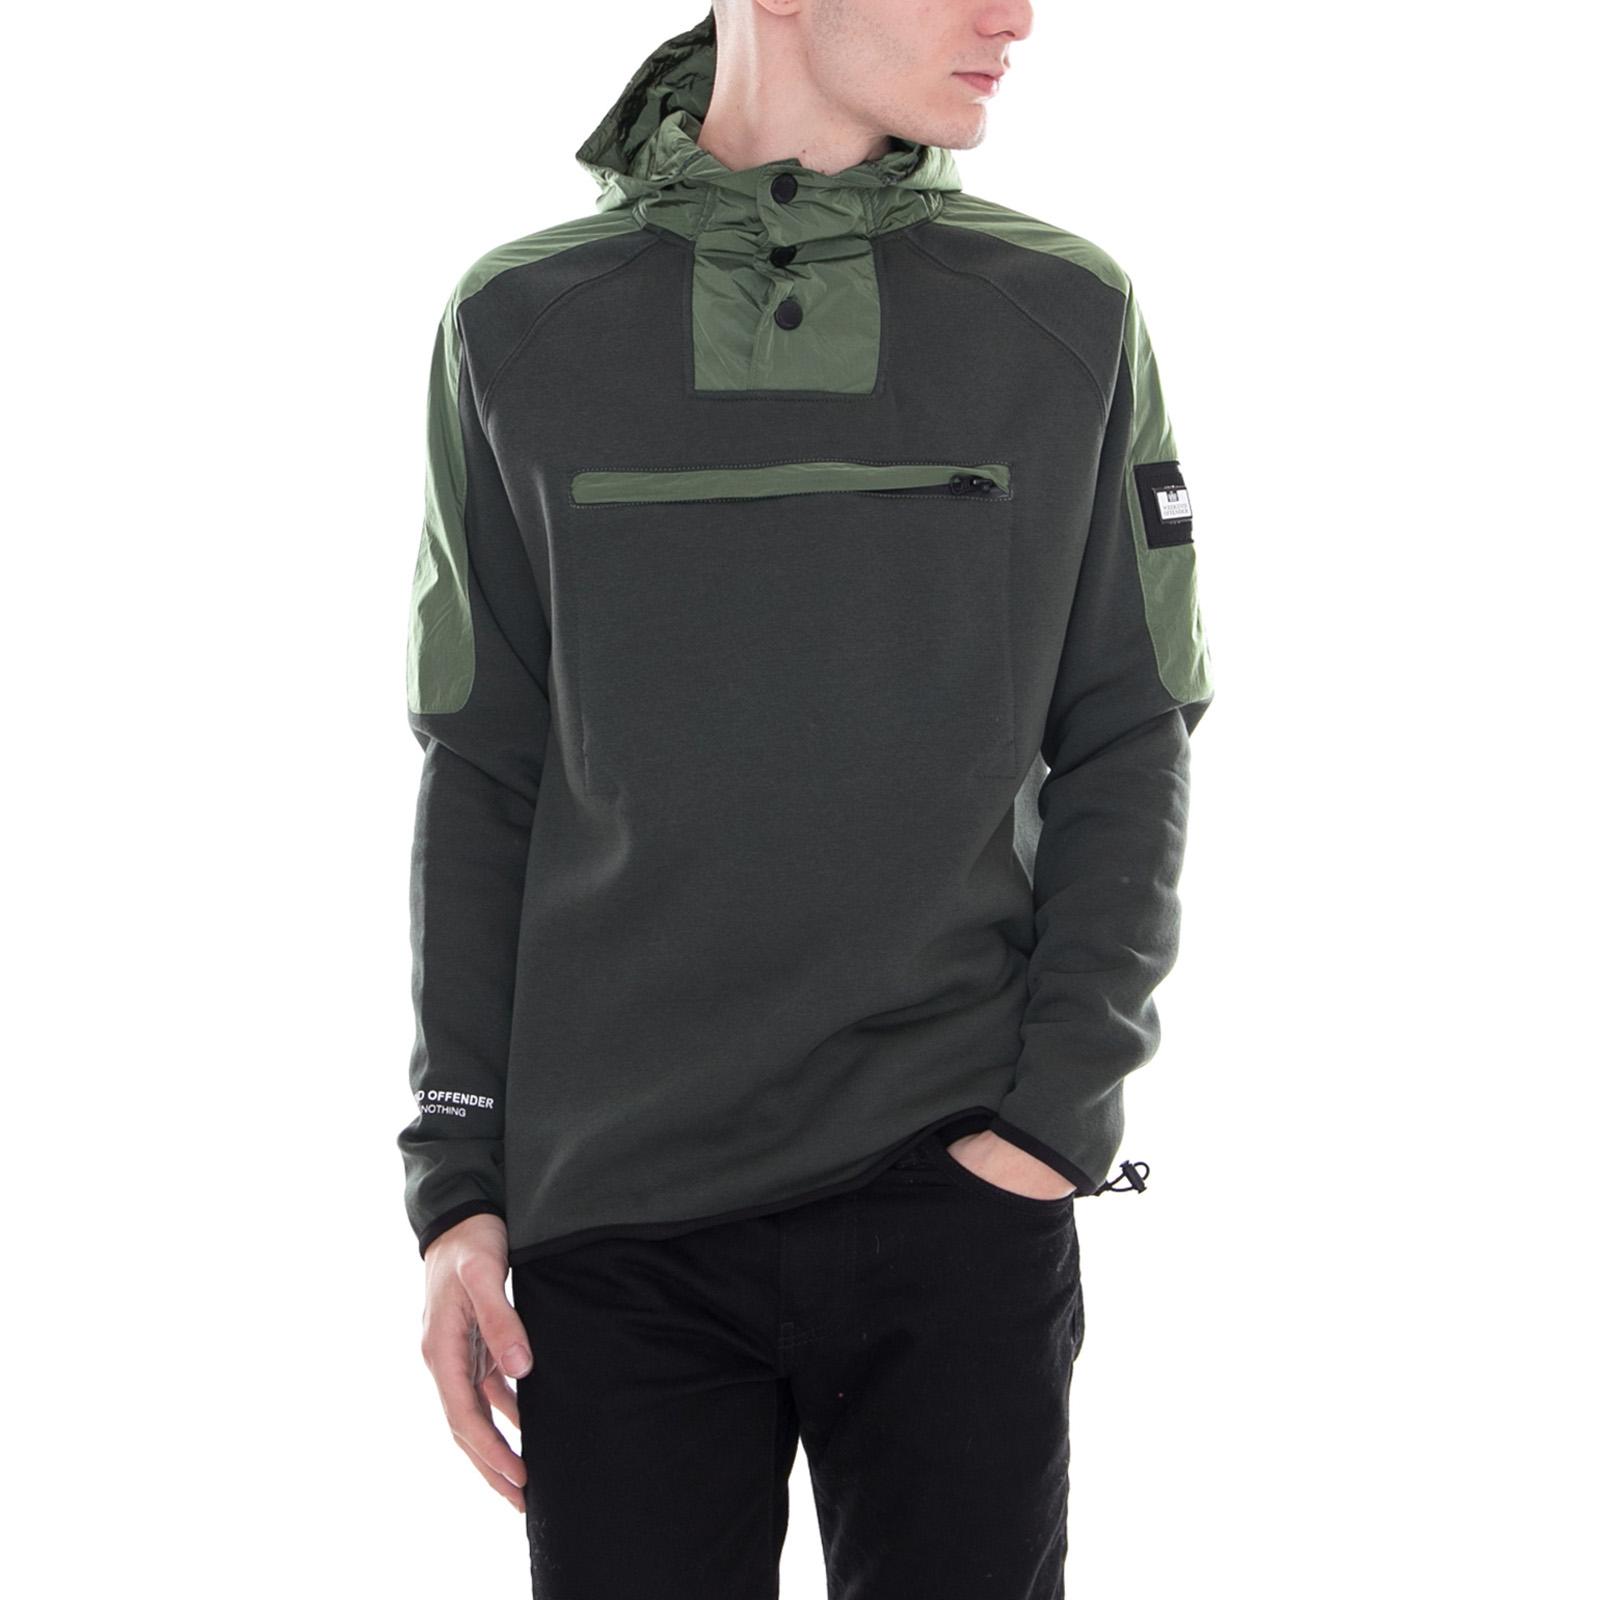 e540aa1b65d99e Weekend Offender Sweatshirt Sweatshirt Sweatshirt Charles Fichte Grün Grün  e47f81